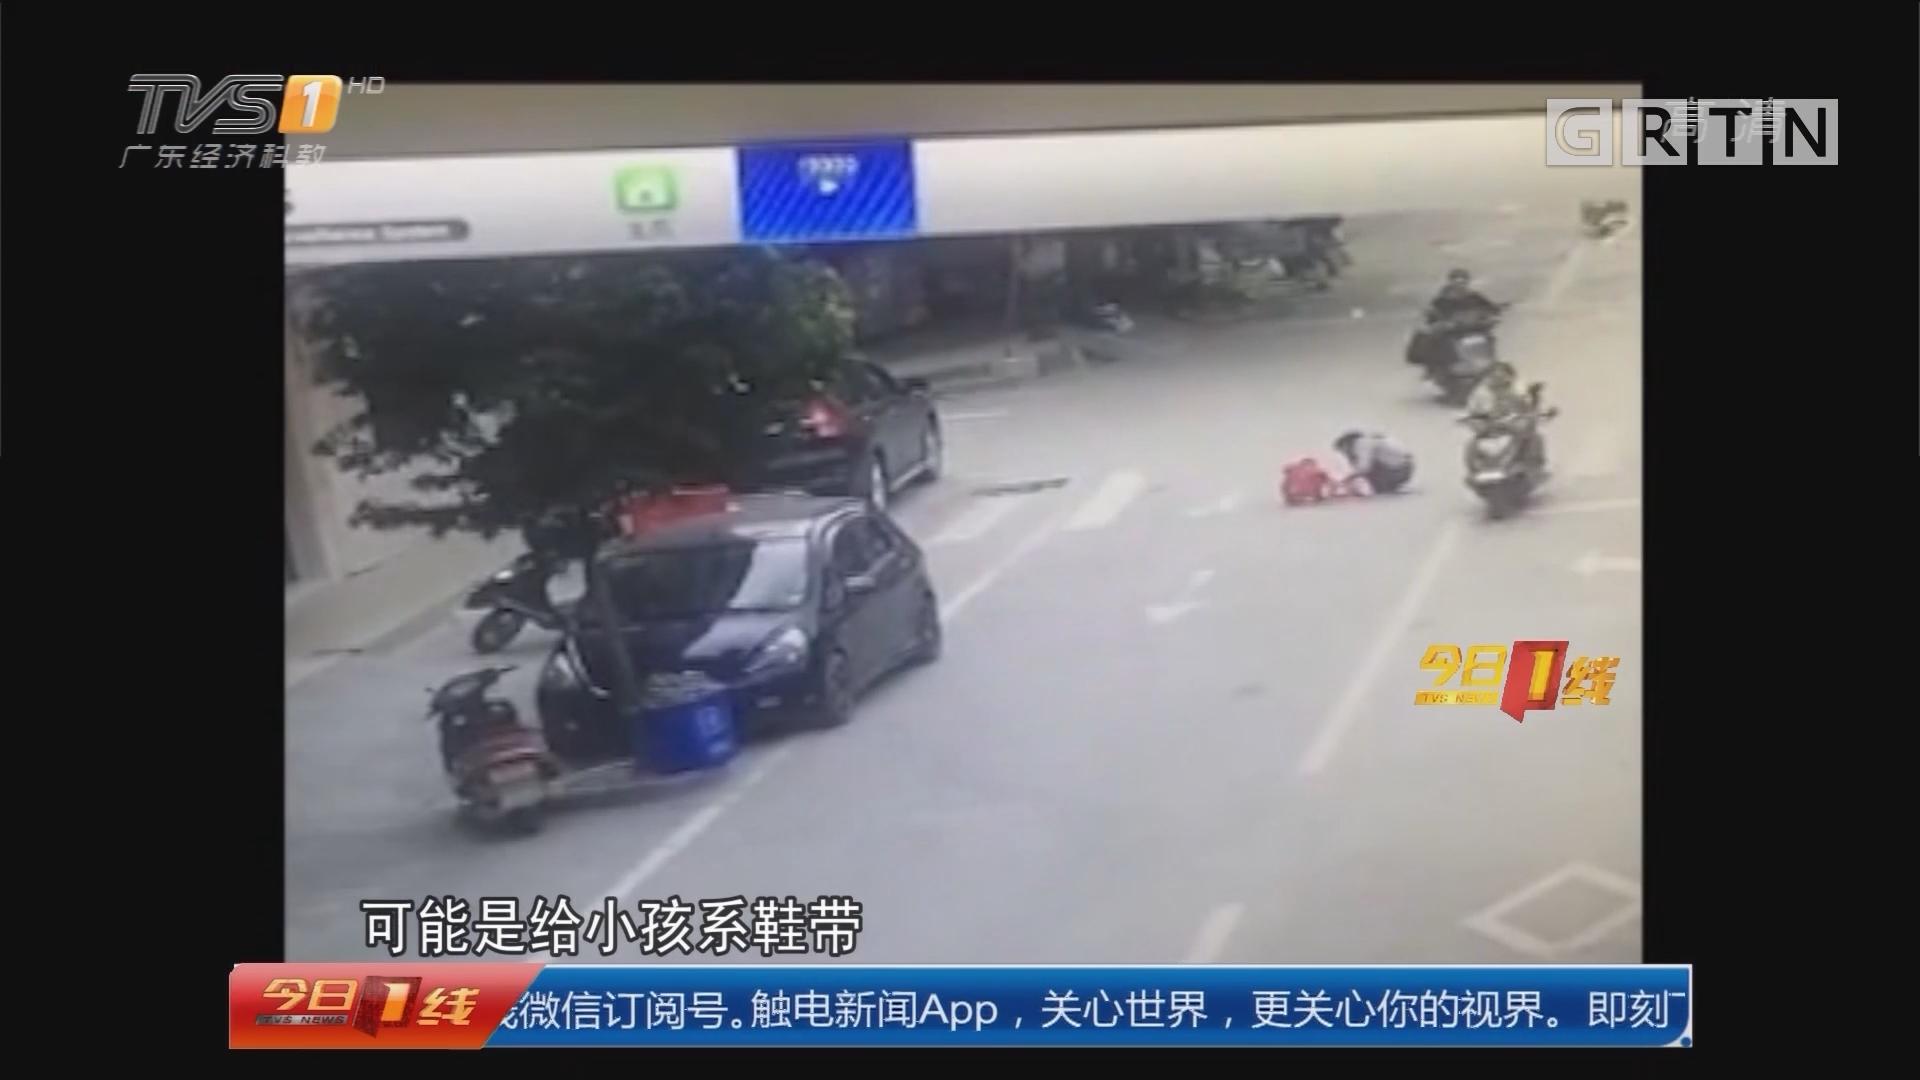 安全提醒:惠州龙门 路中间停留两人被撞 司机排除酒驾